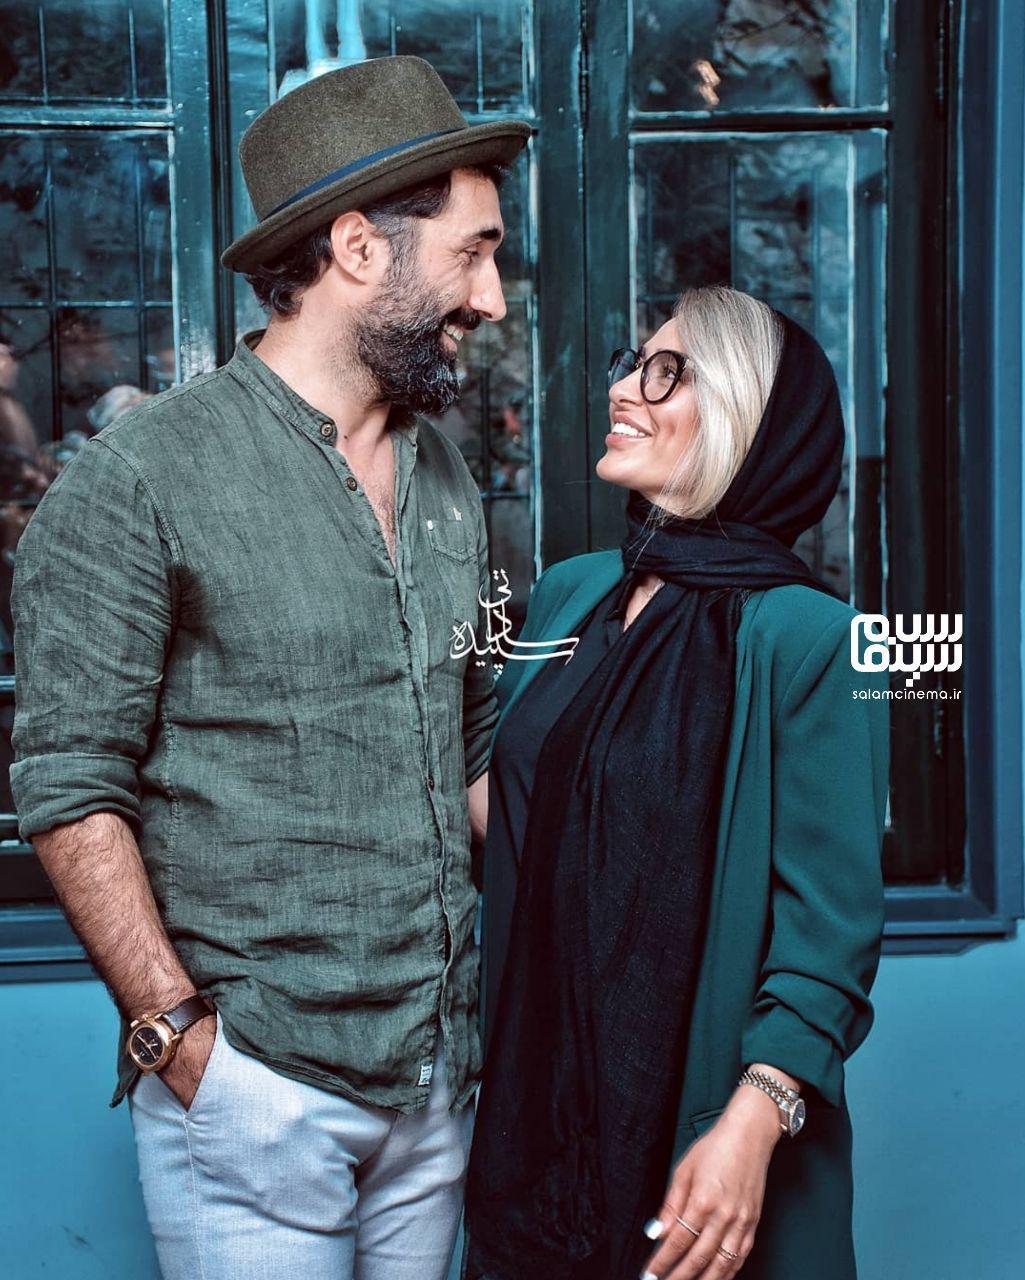 هادی کاظمی - سمانه پاکدل - نمایشگاه عکس برزخ